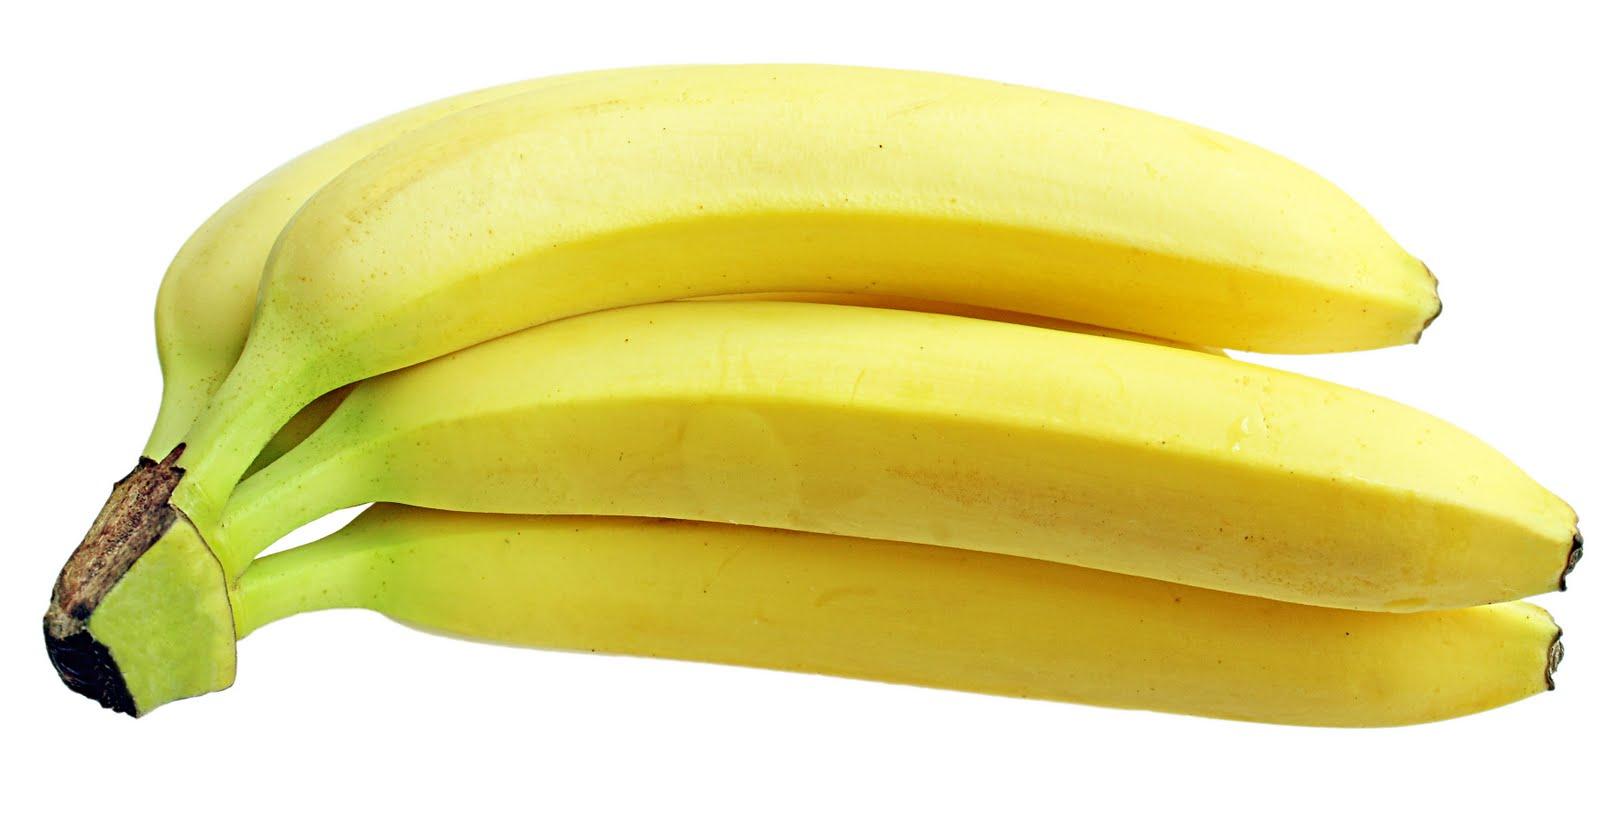 bananas images banana <3 hd wallpaper and background photos (34512790)